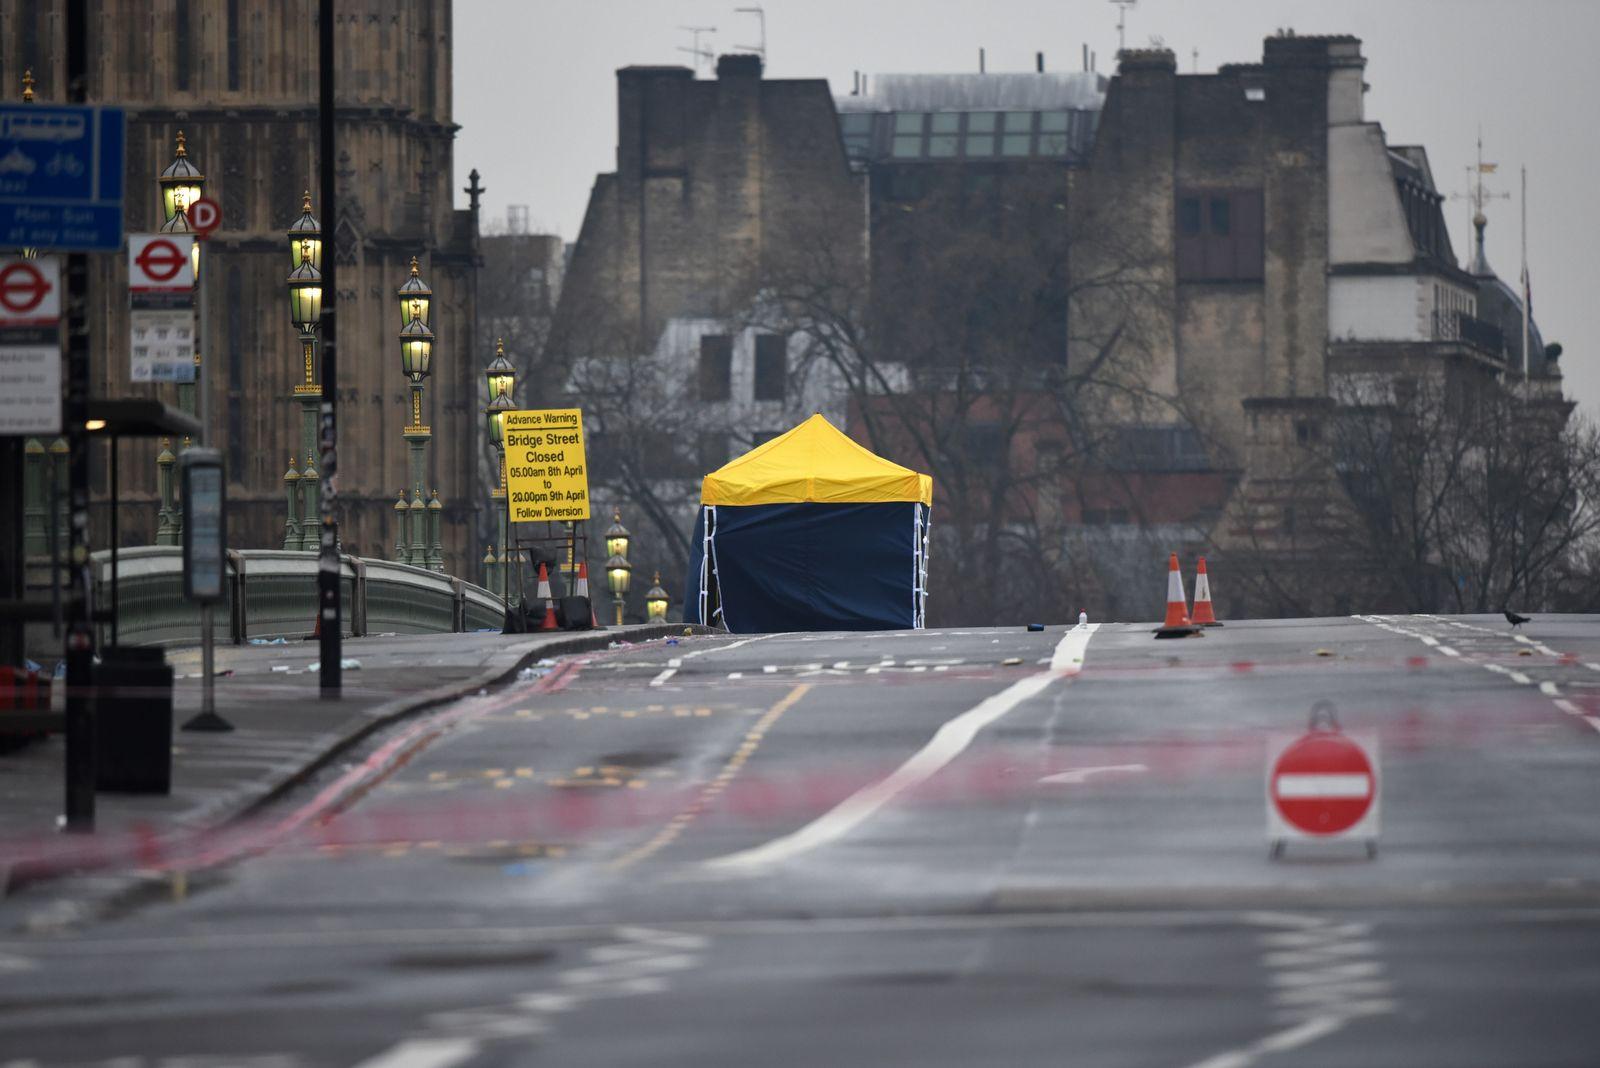 London/ Anschlag